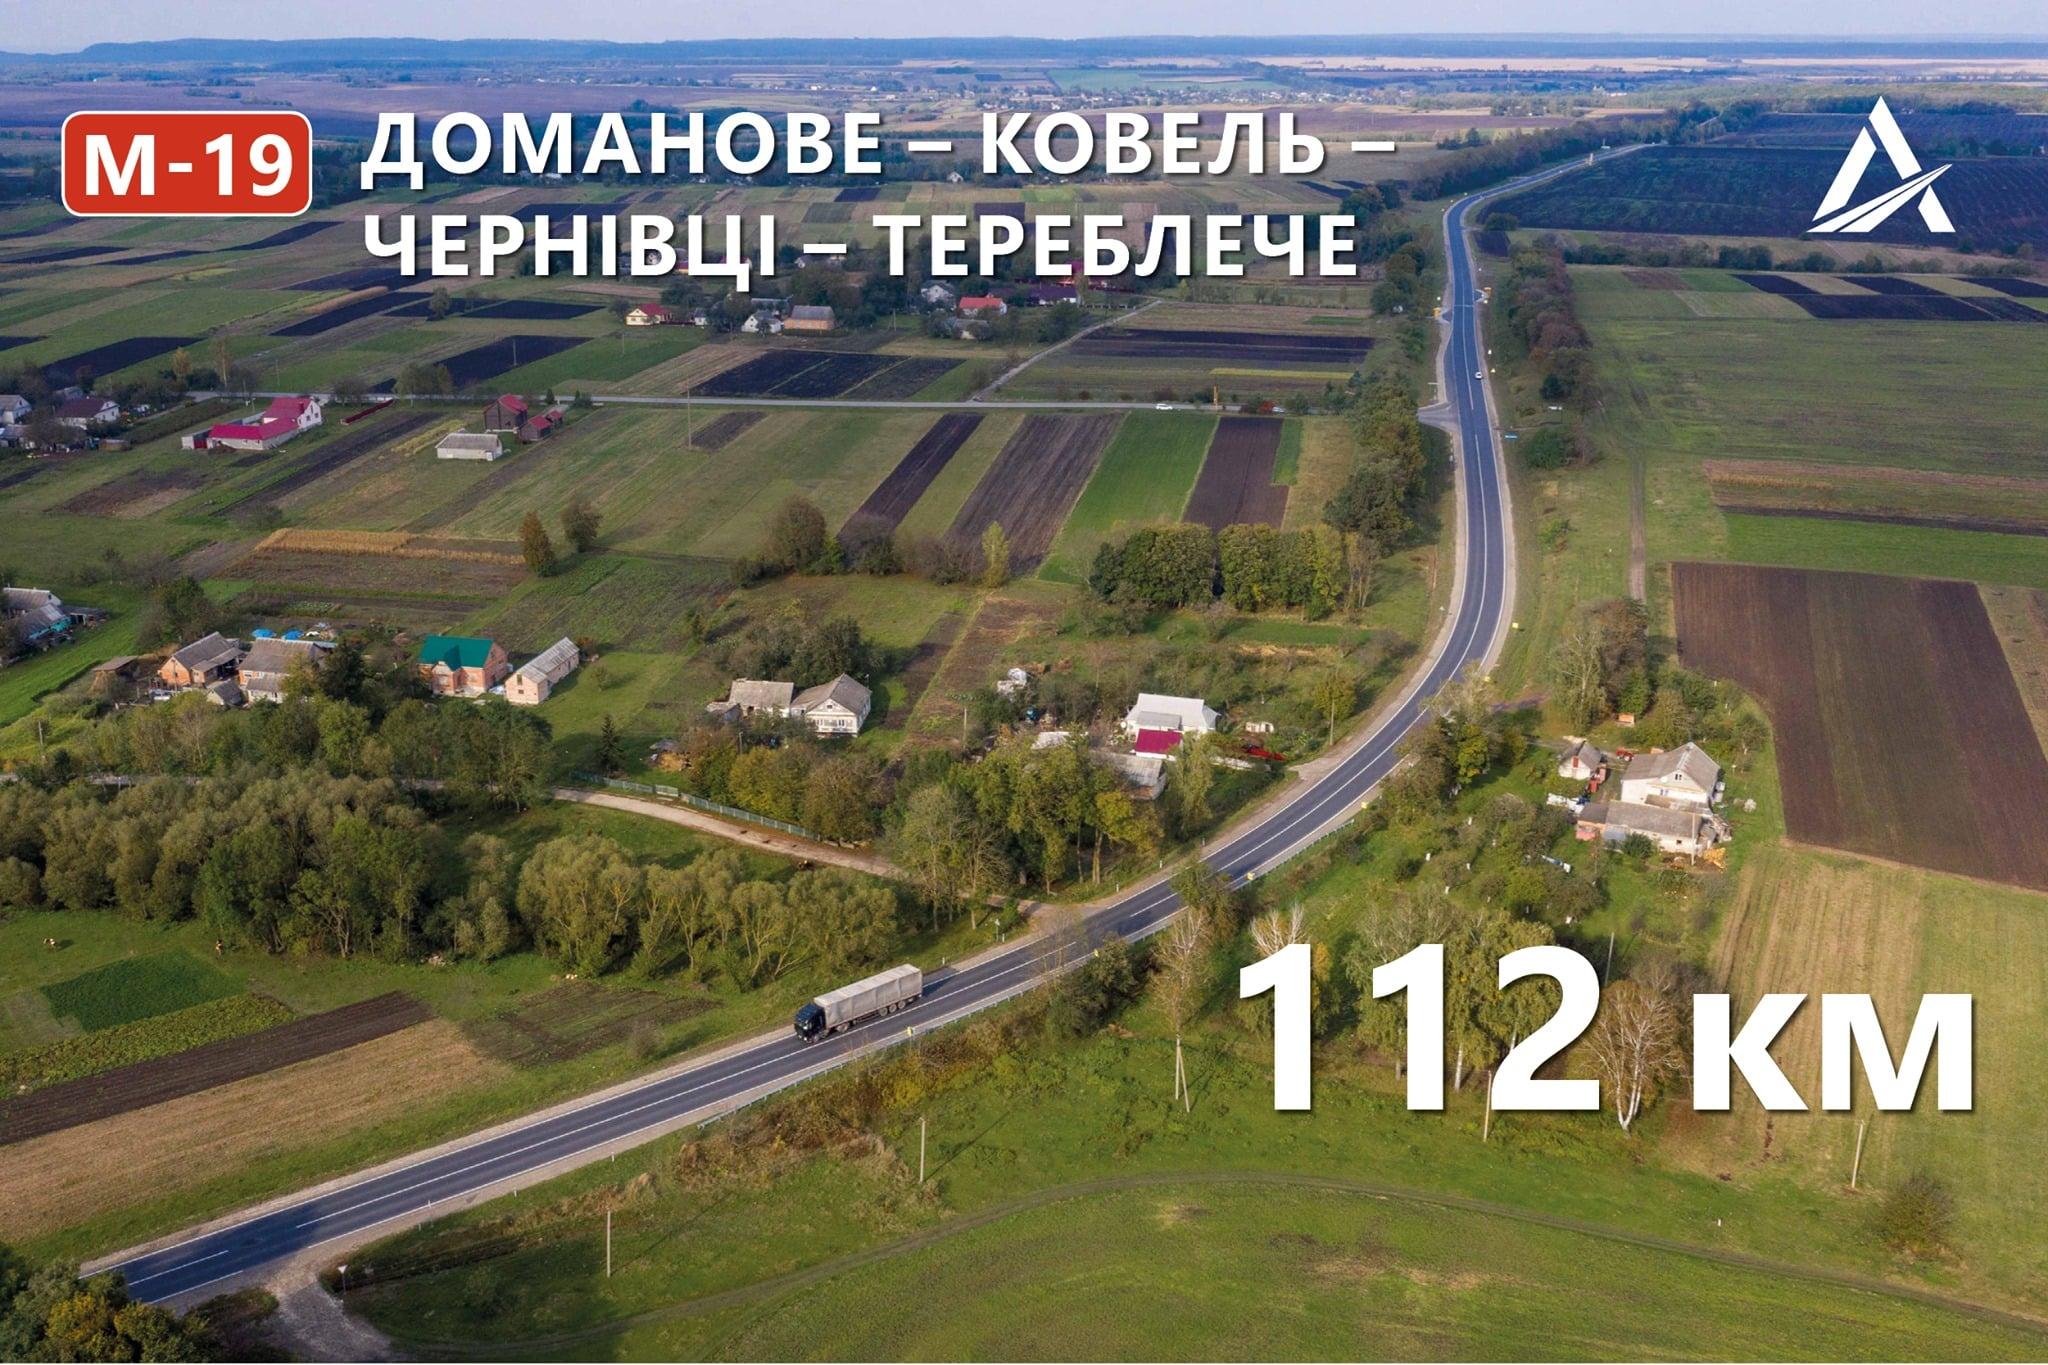 Фото ТОП-5 дорог Украины, которым в этом году реально повезло - фото 2